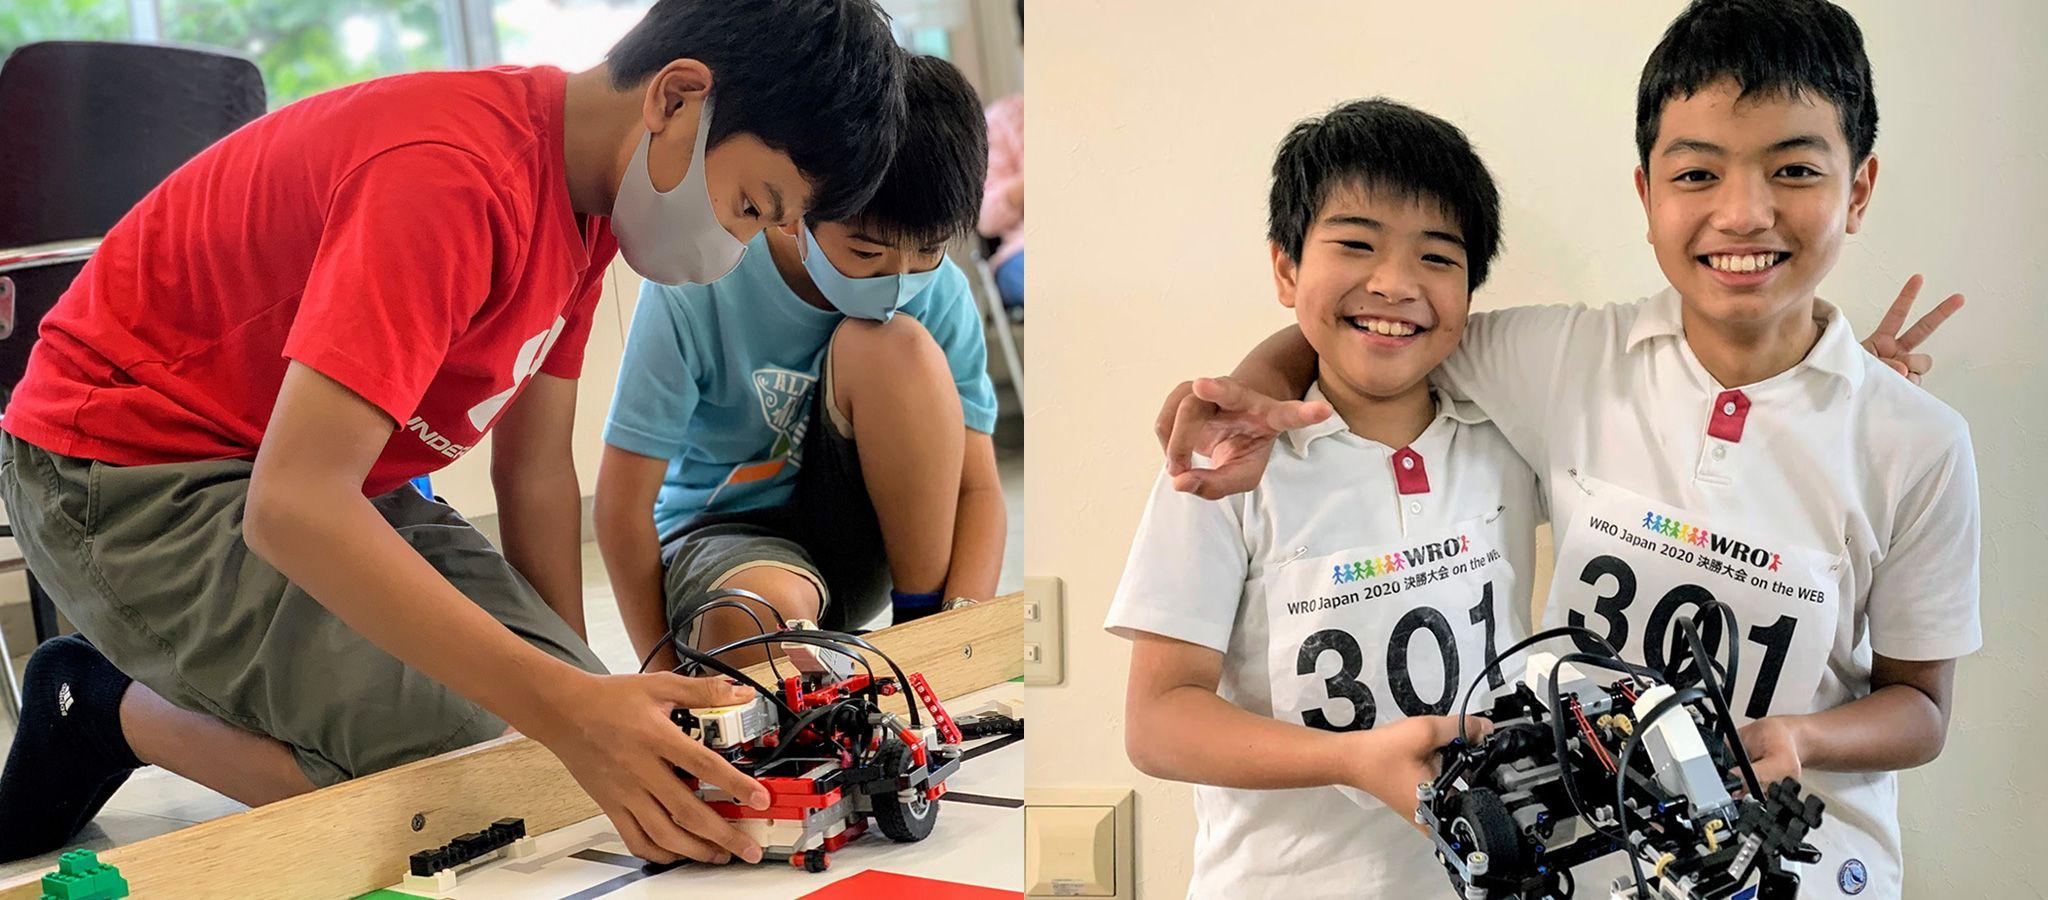 小学生恐るべし、ロボコンで見せた圧巻の動作